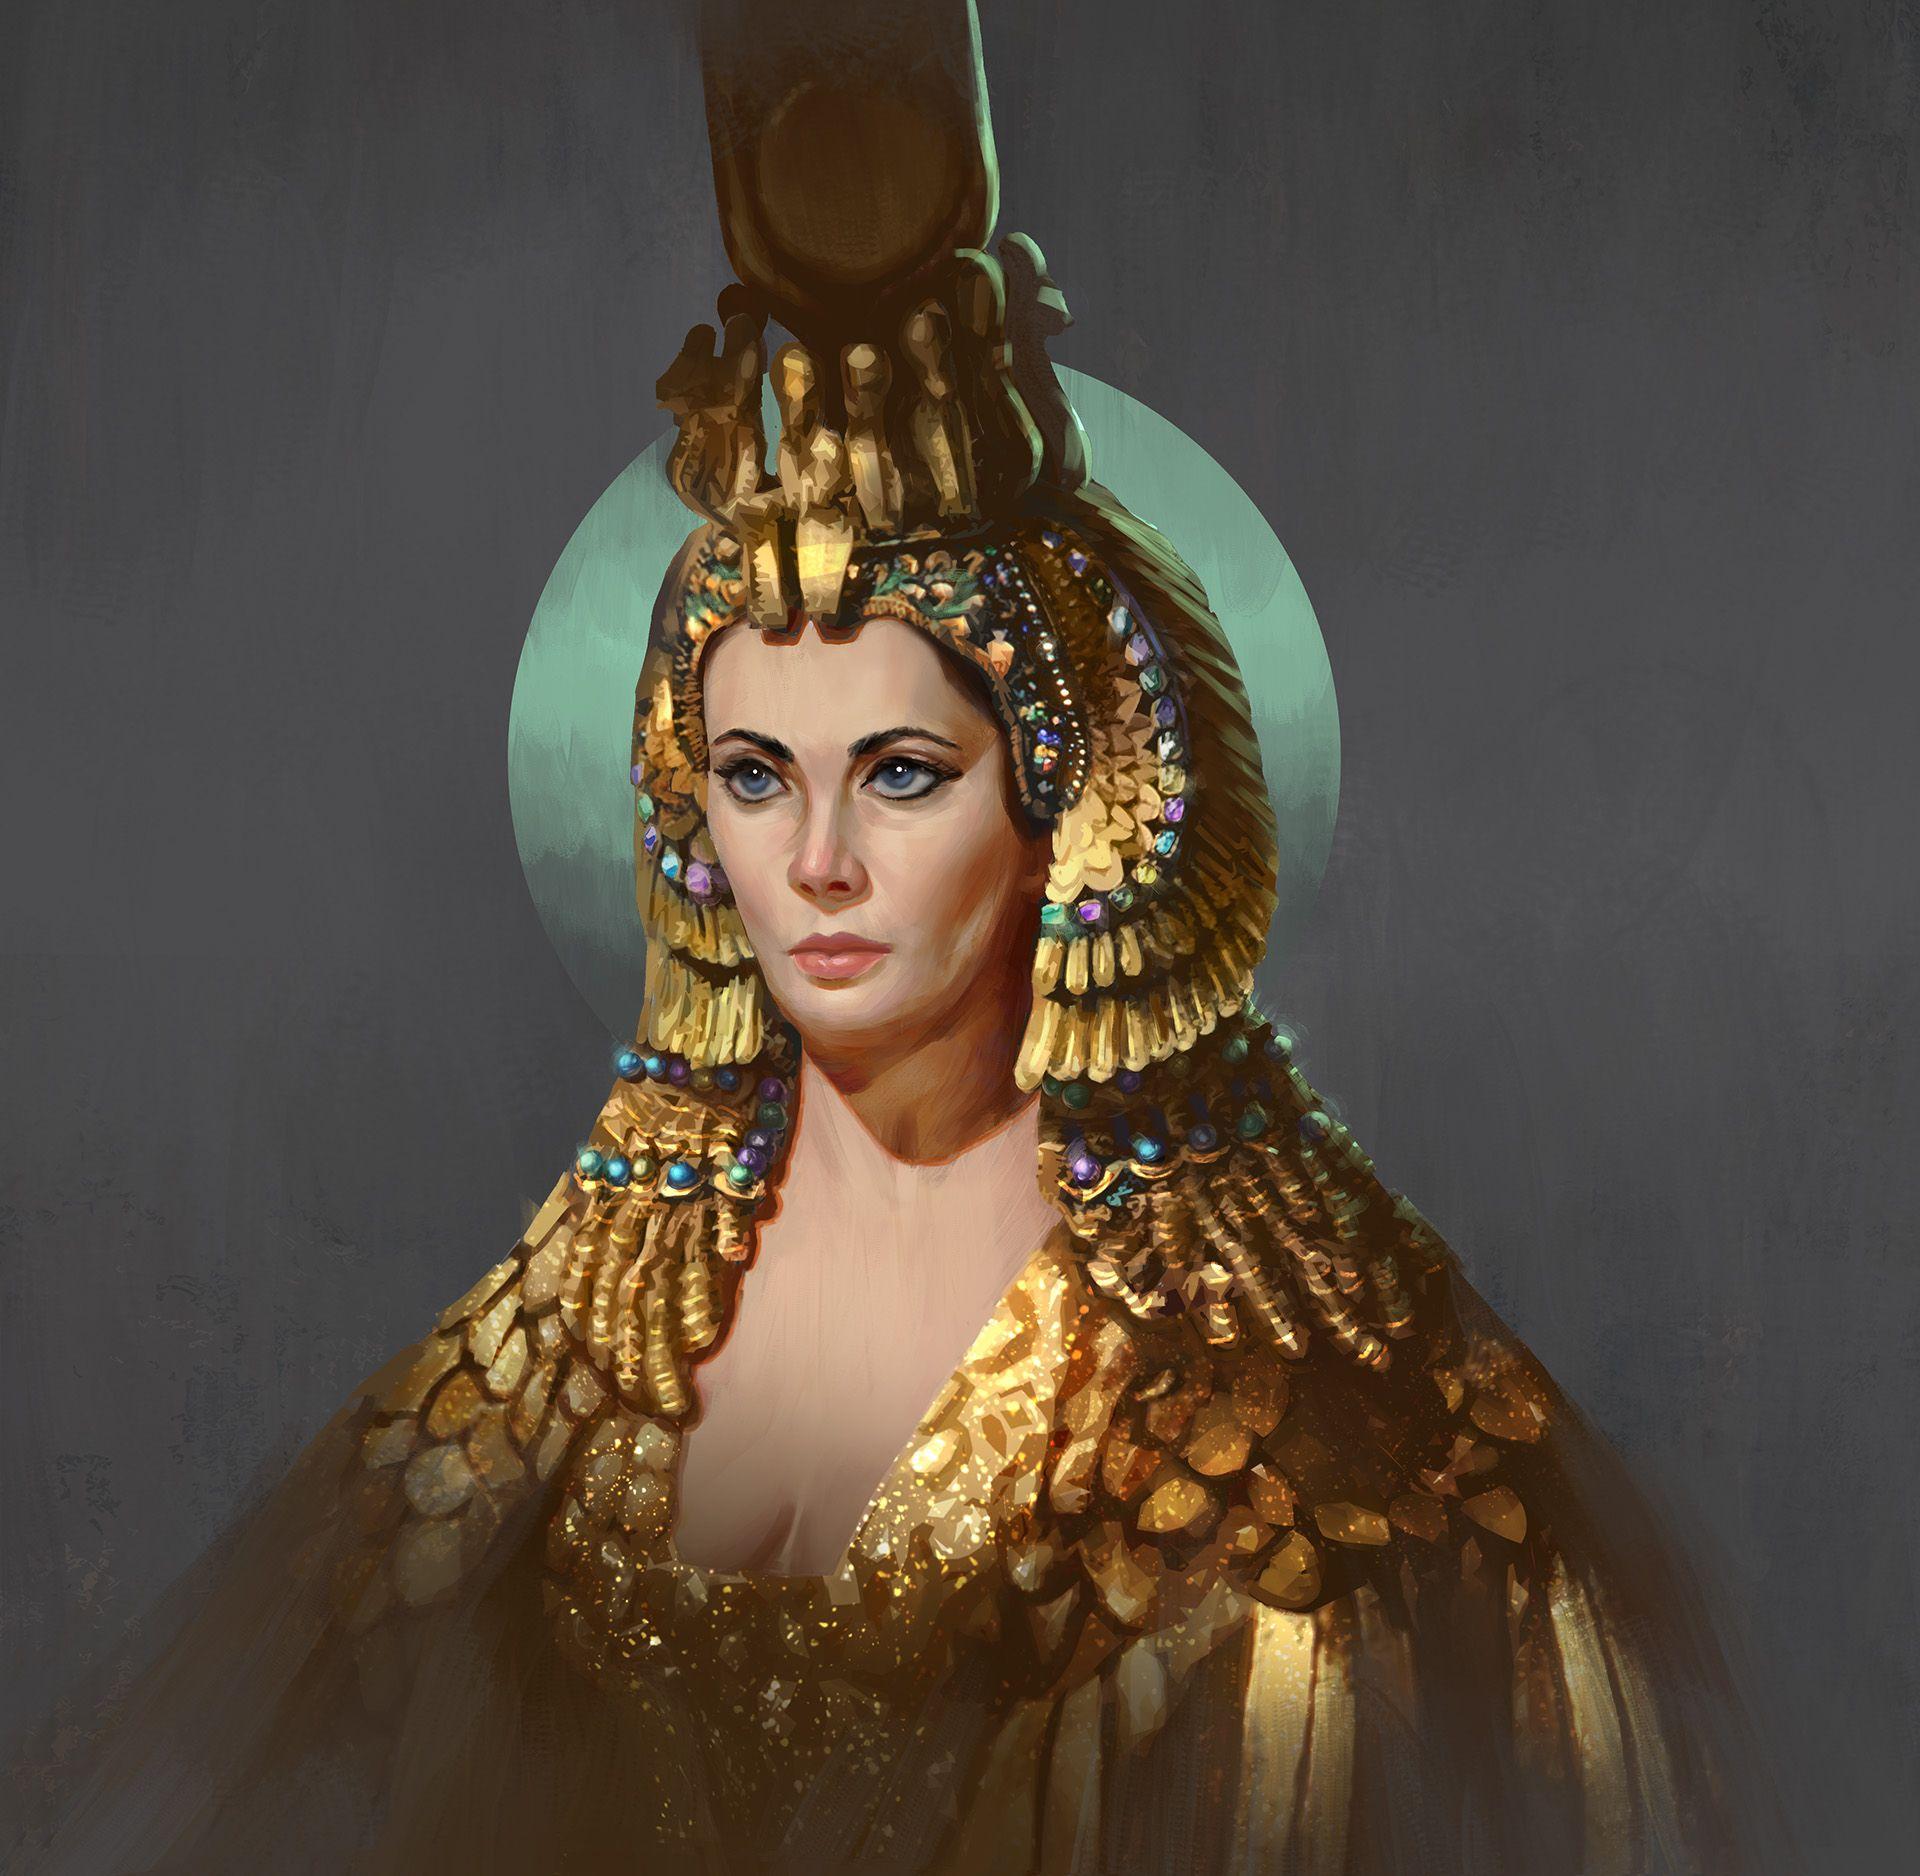 нельзя будет клеопатра фото царицы истинное лицо ним